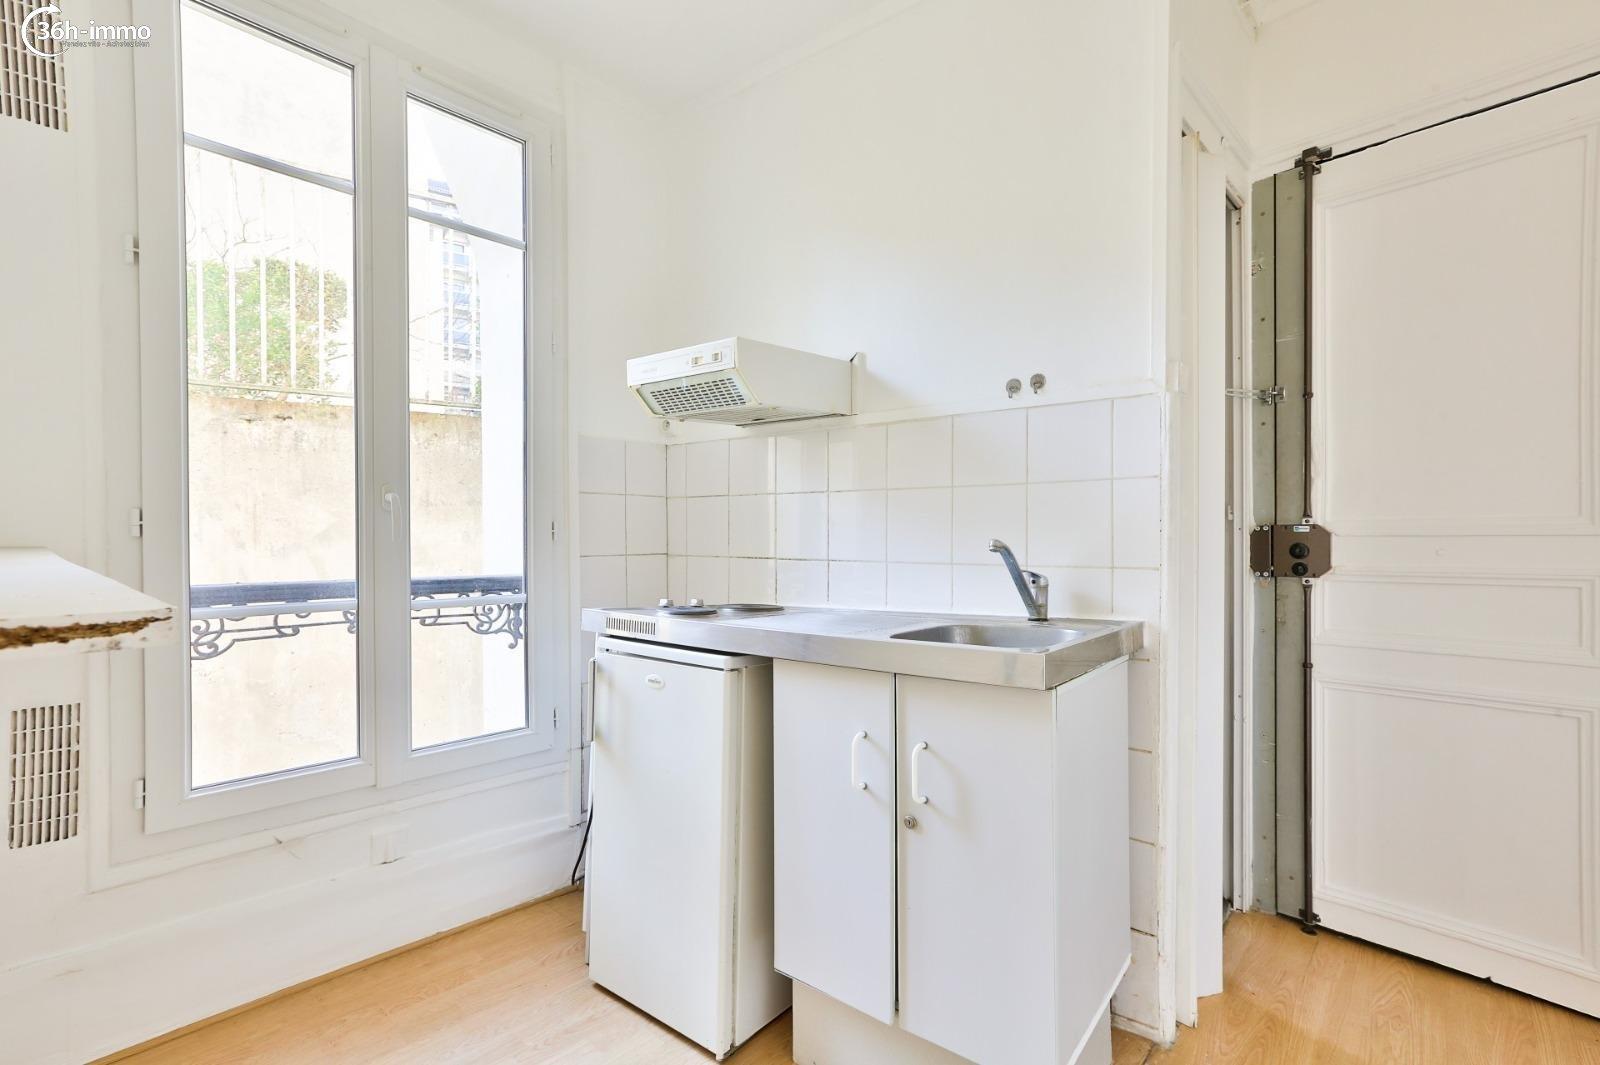 Immeuble Paris 18e arrondissement 75018 Paris 300 m<sup>2</sup> 3149000 euros